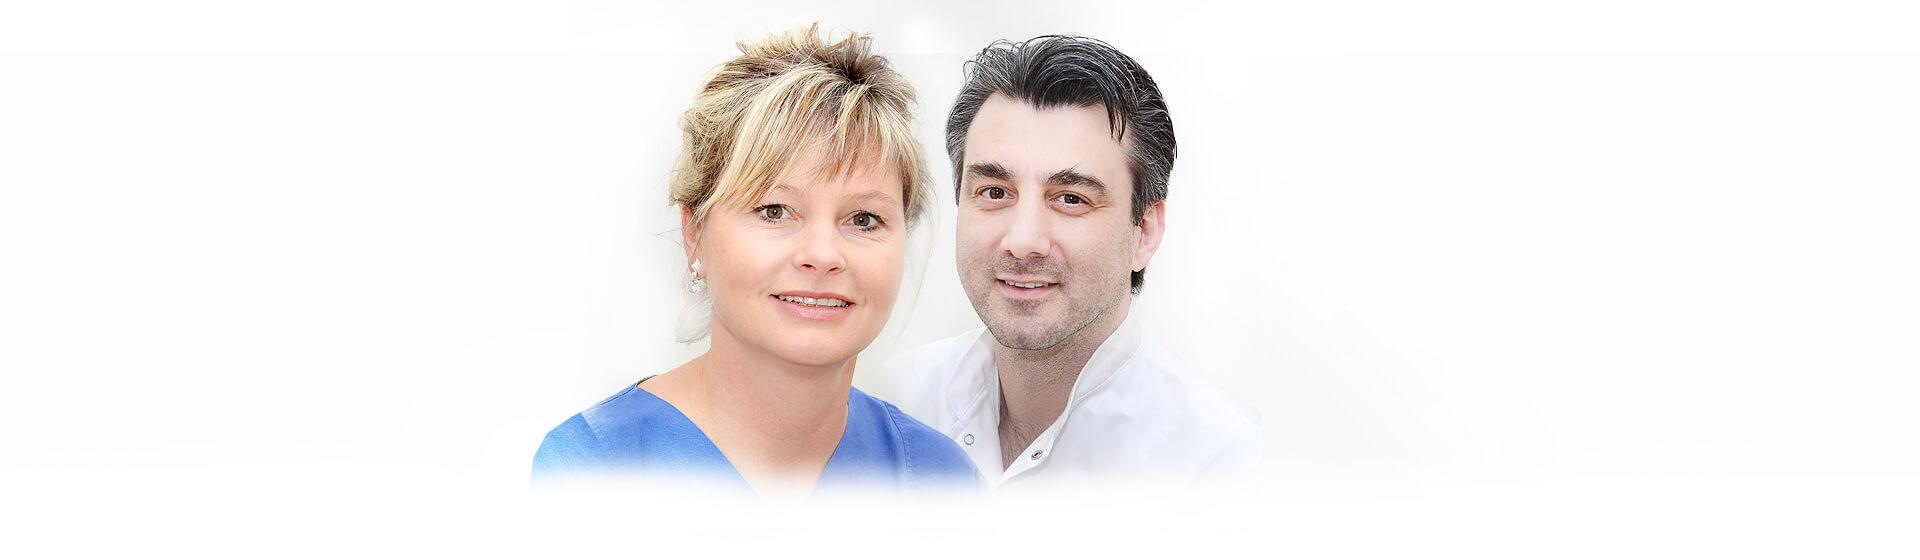 Headerbild Medizin und Pflege